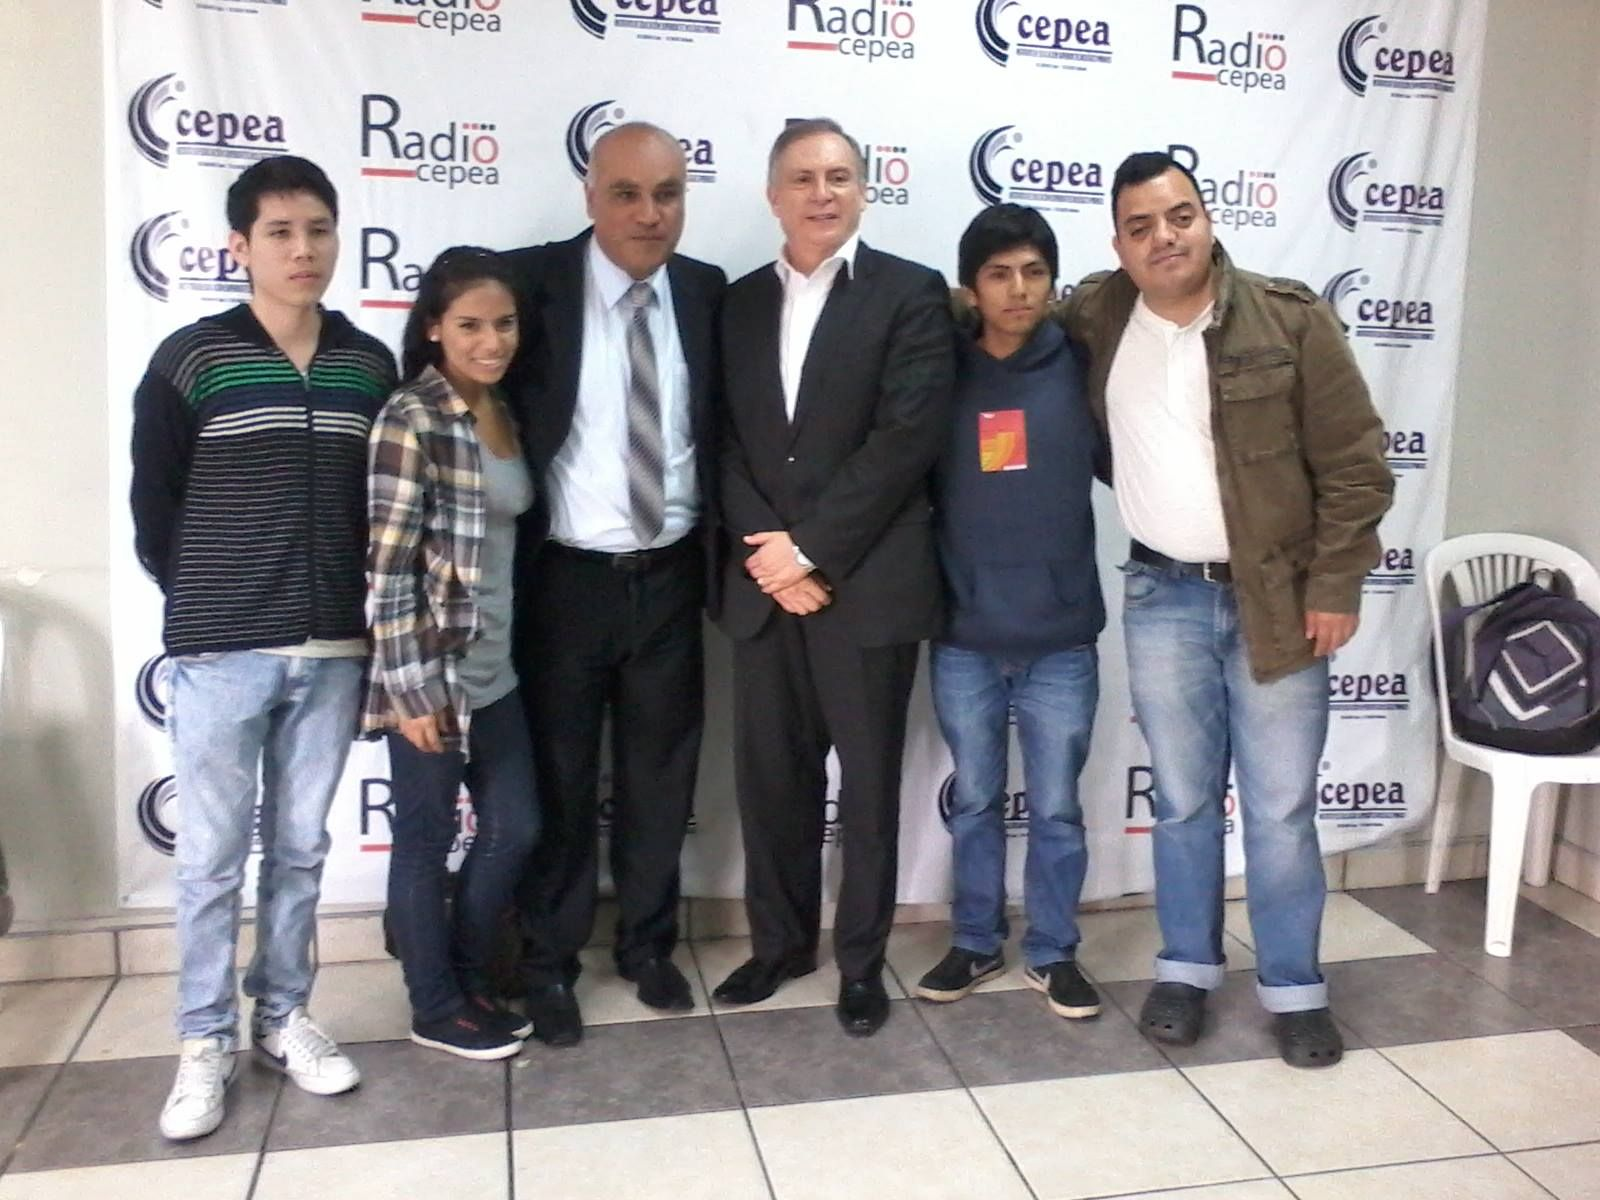 Con el analista político Hugo Guerra y el periodista Percy Espino, junto al equipo de Radio Cepea. (2015)